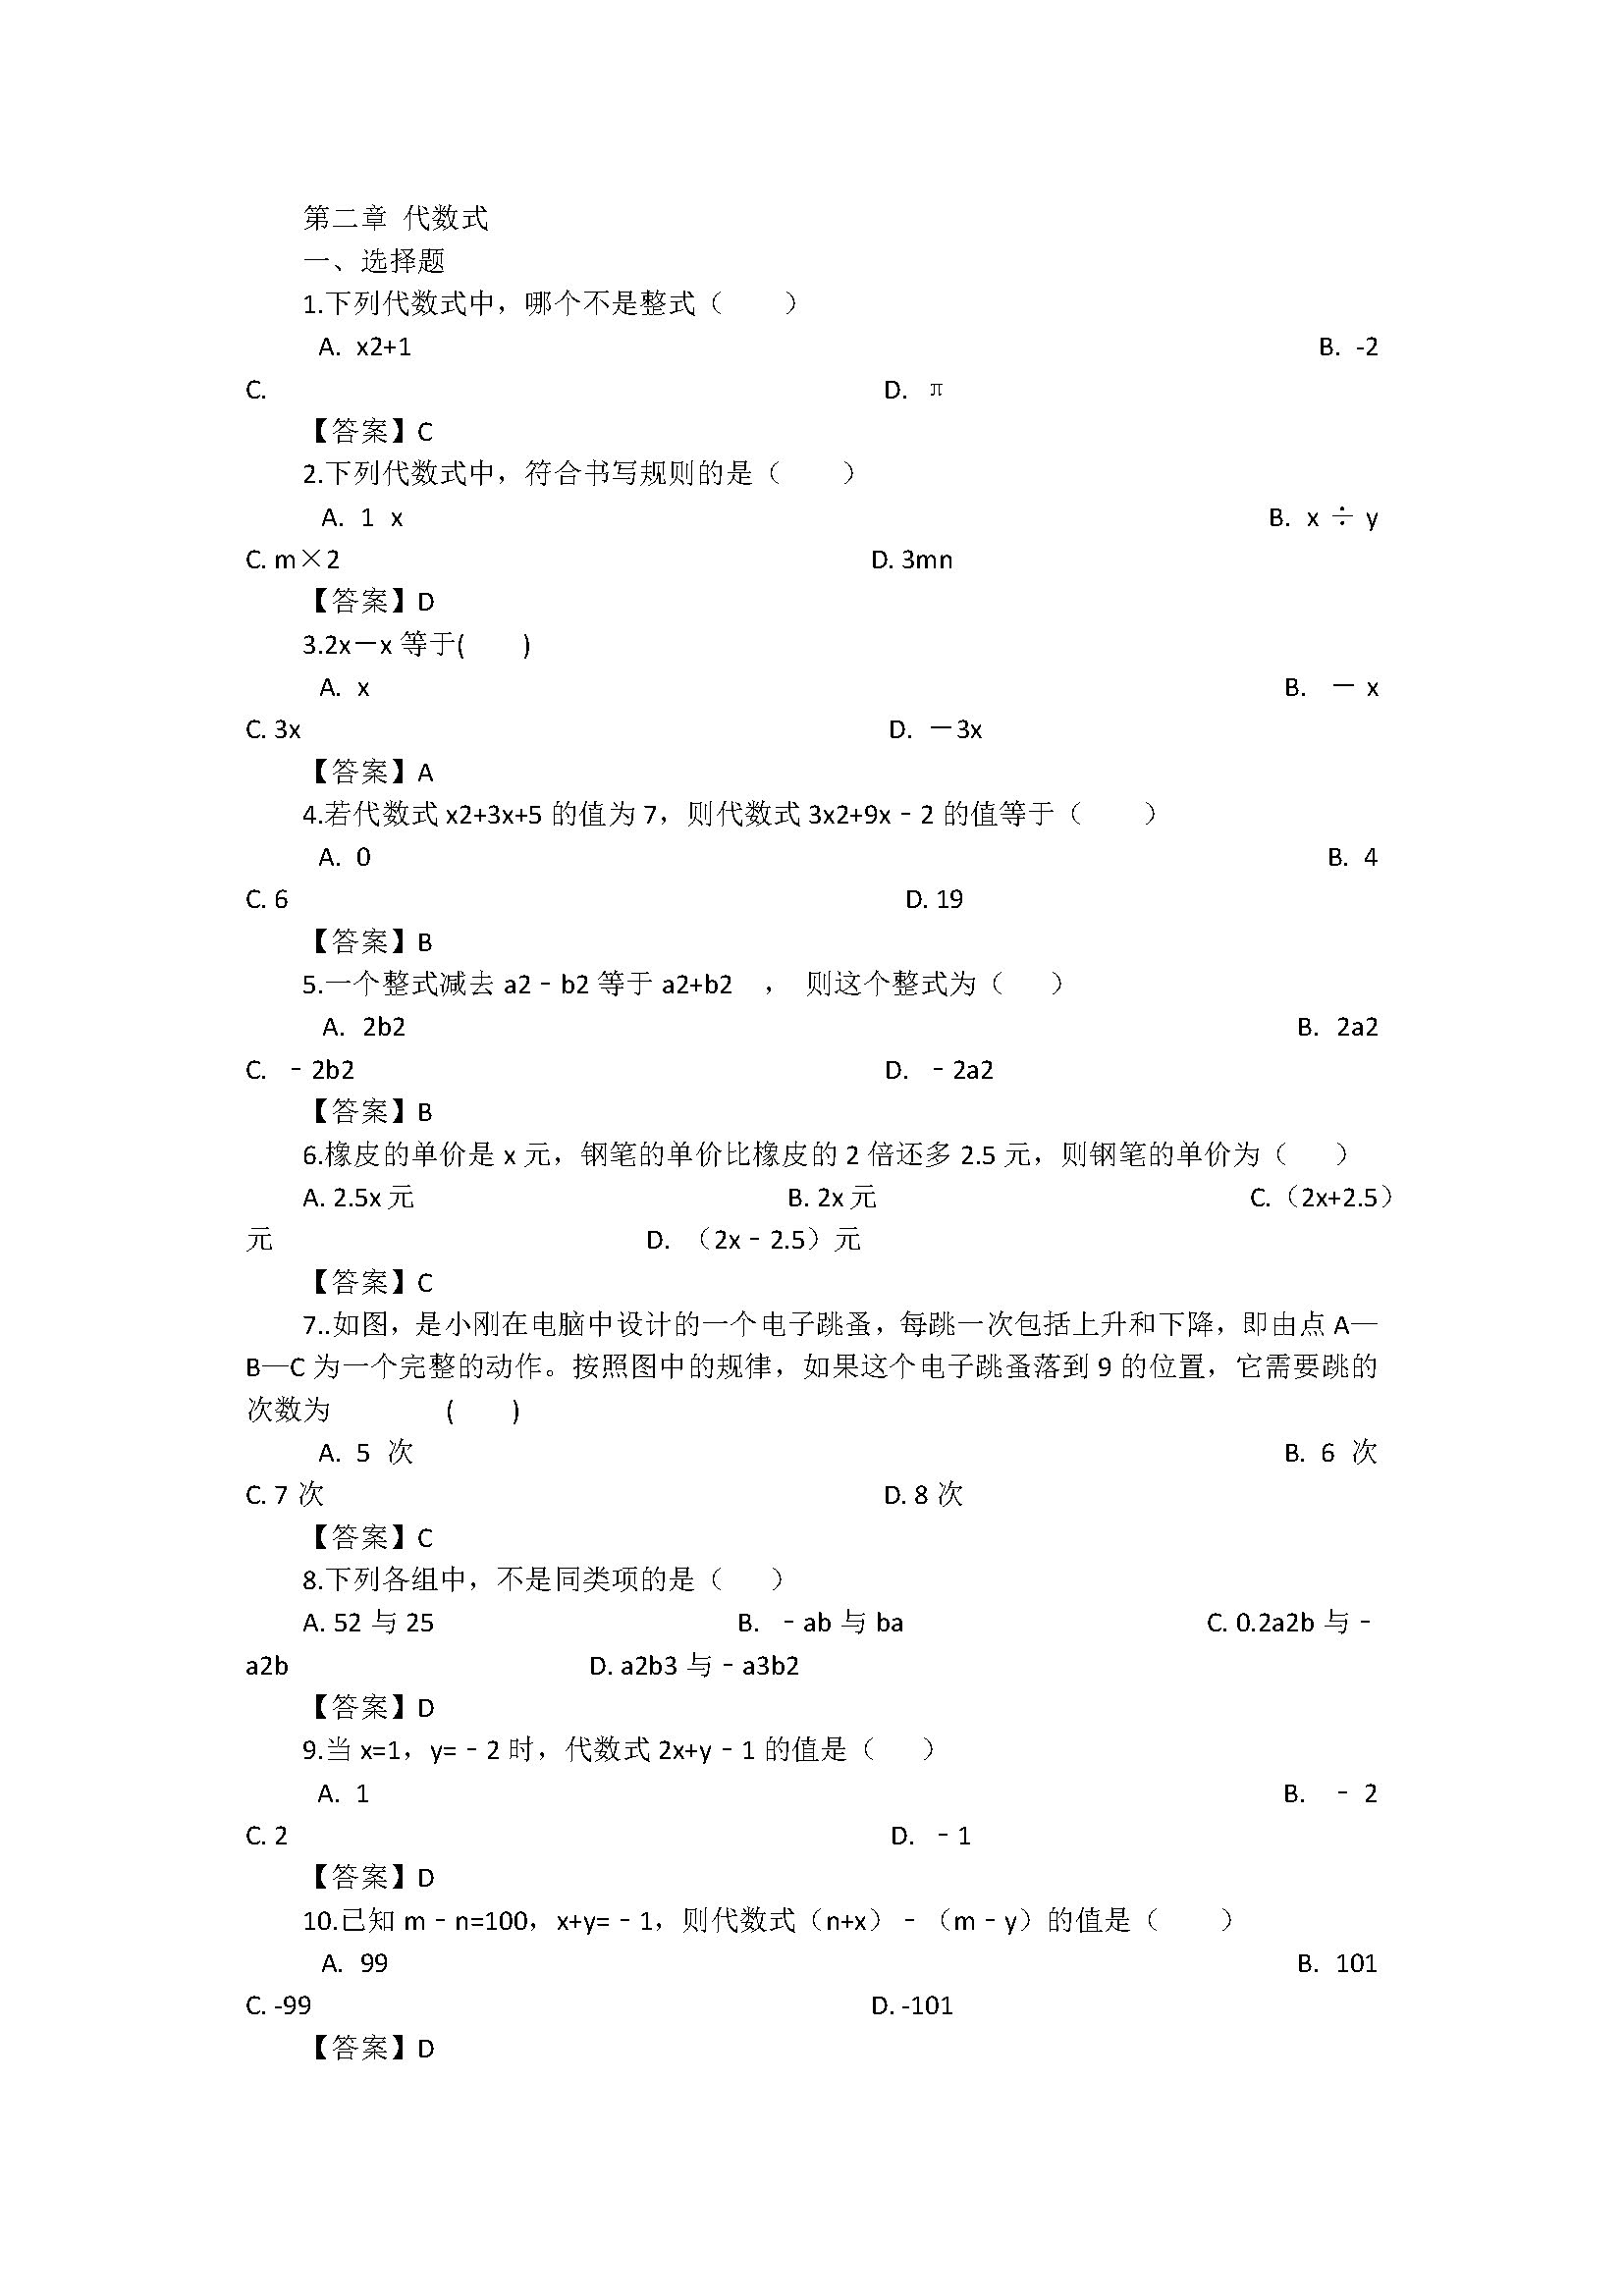 2018七年级数学上册期中单元测试题含参考答案(湘教版)